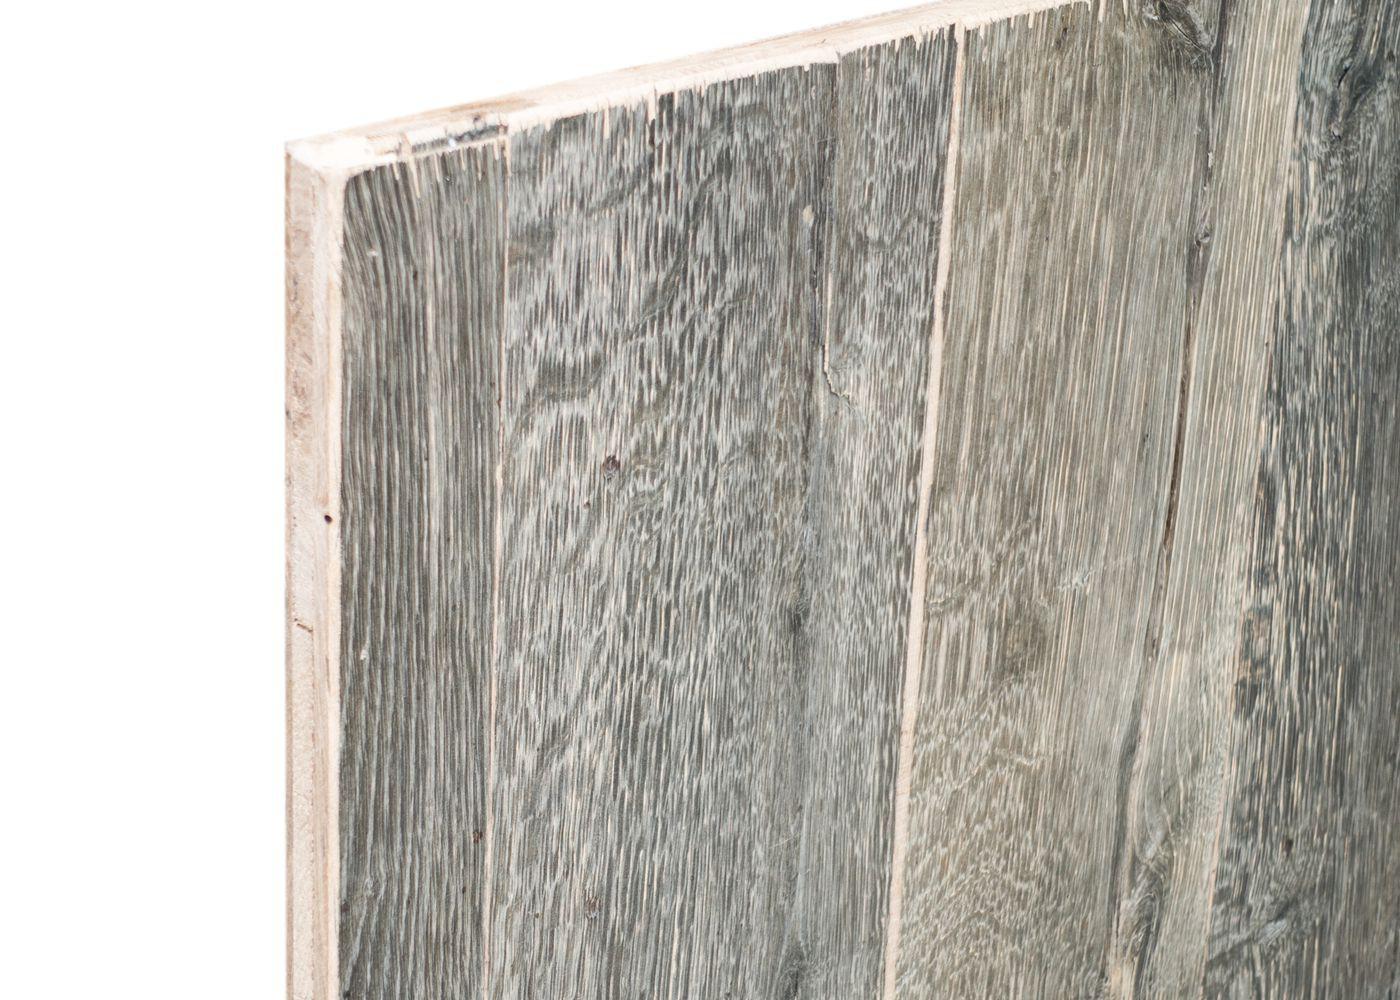 panneau 3 plis en vieux bois gris brut 2 faces plaquees